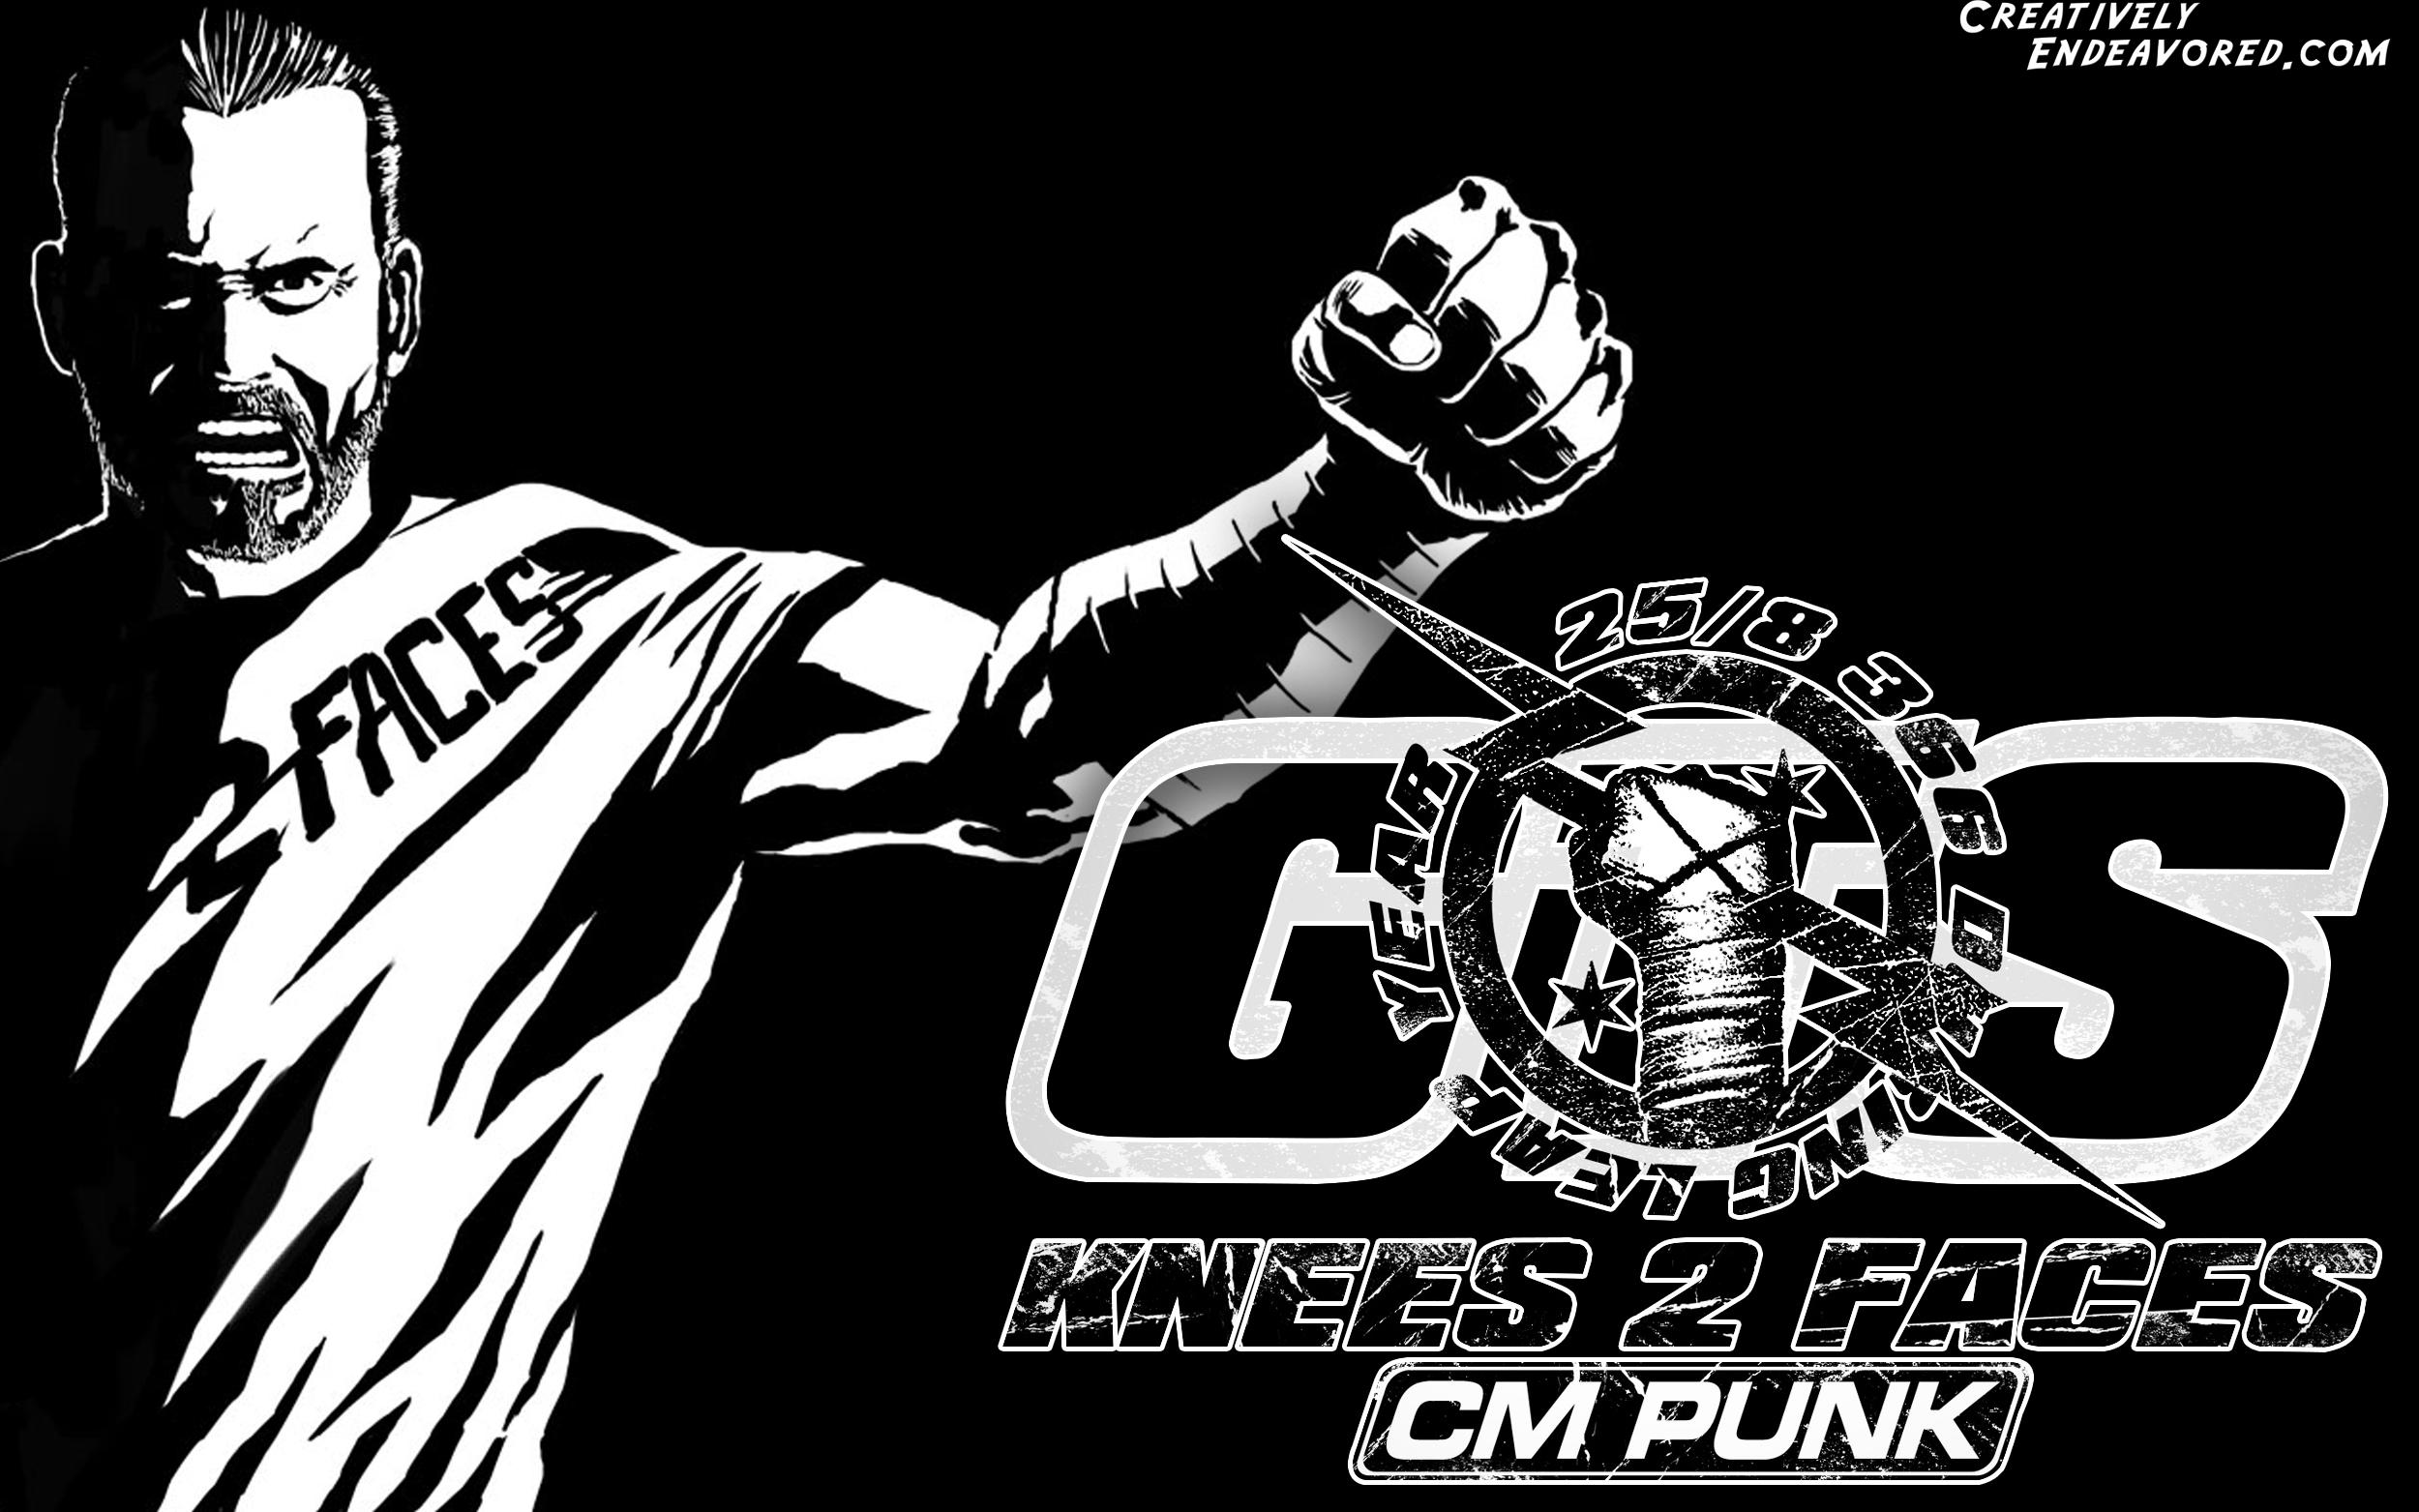 wwe cm punk logo Car Tuning 2500x1563